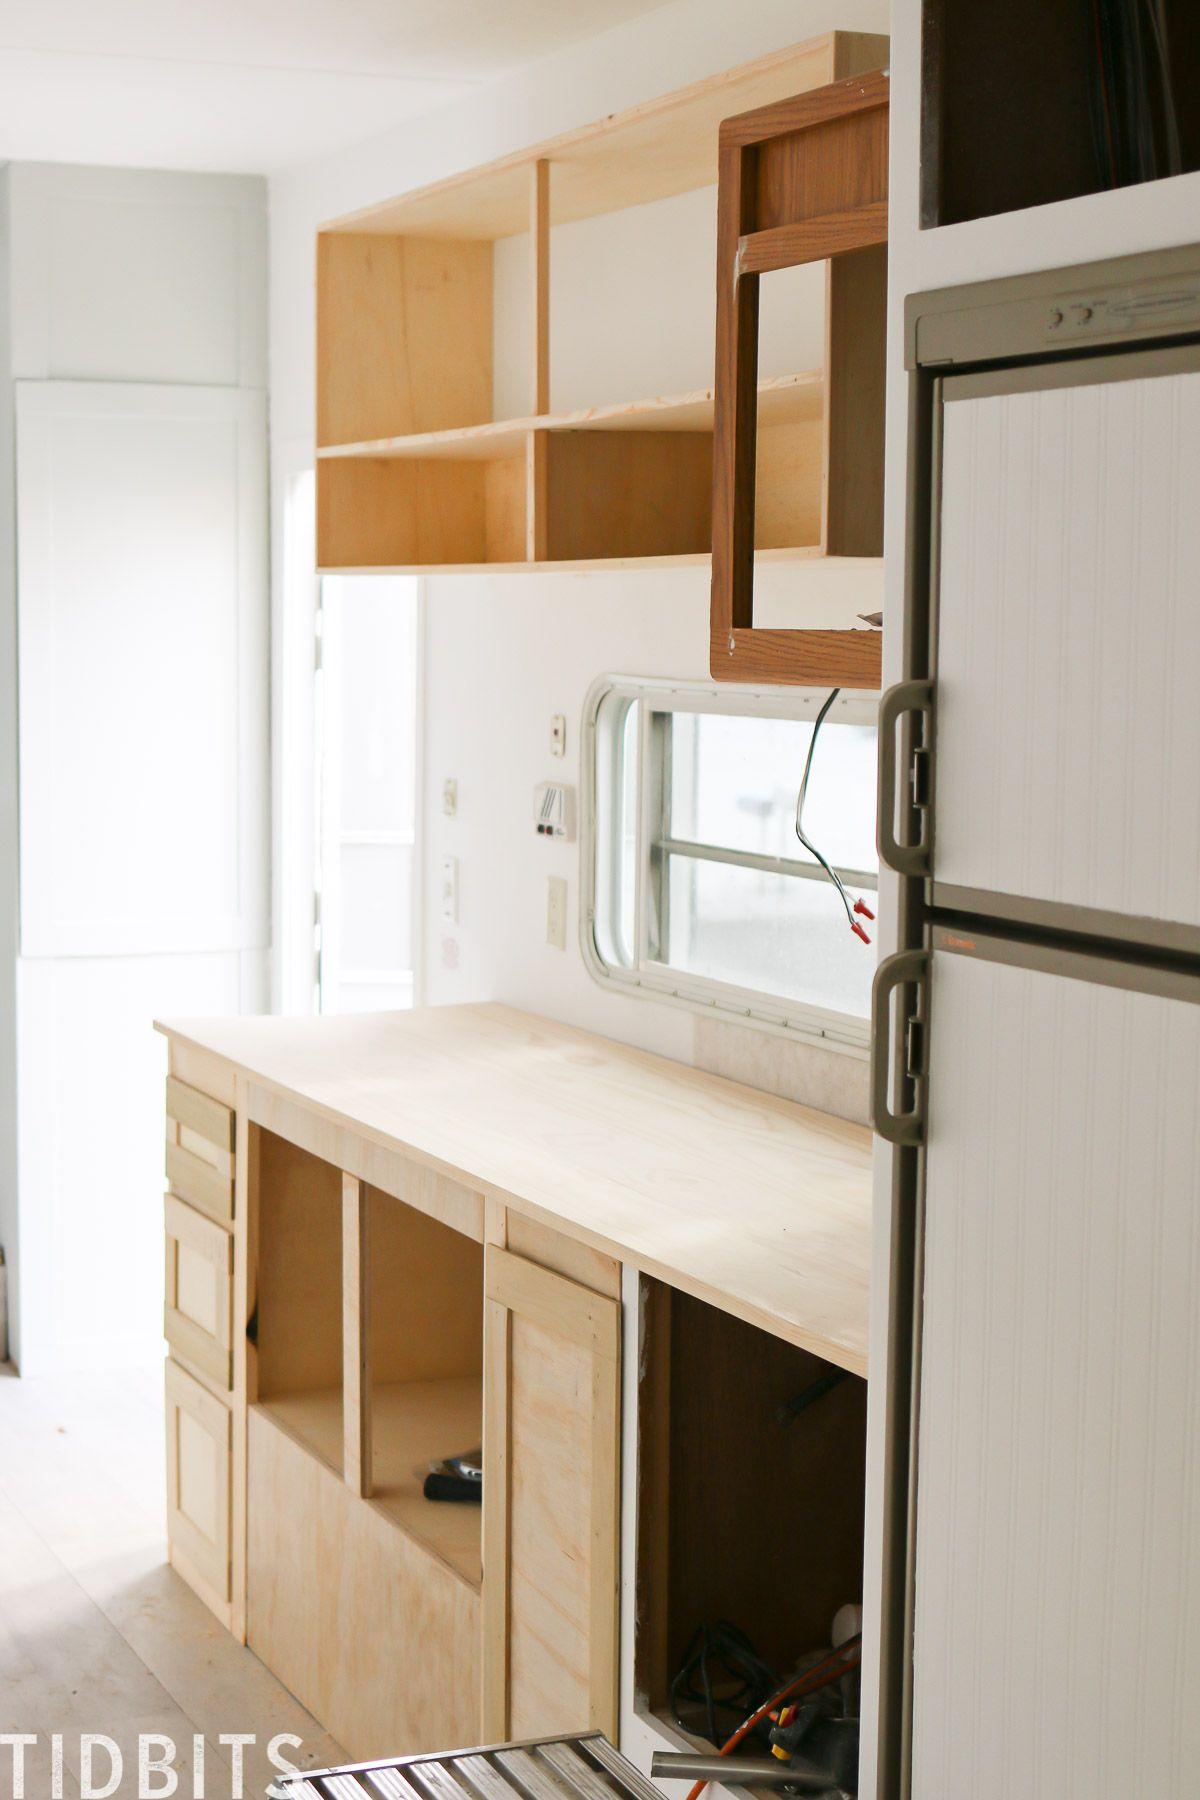 Rv Renovation Kitchen Details Tidbits Cabinets For Sale Kitchen Cabinets For Sale Diy Countertops